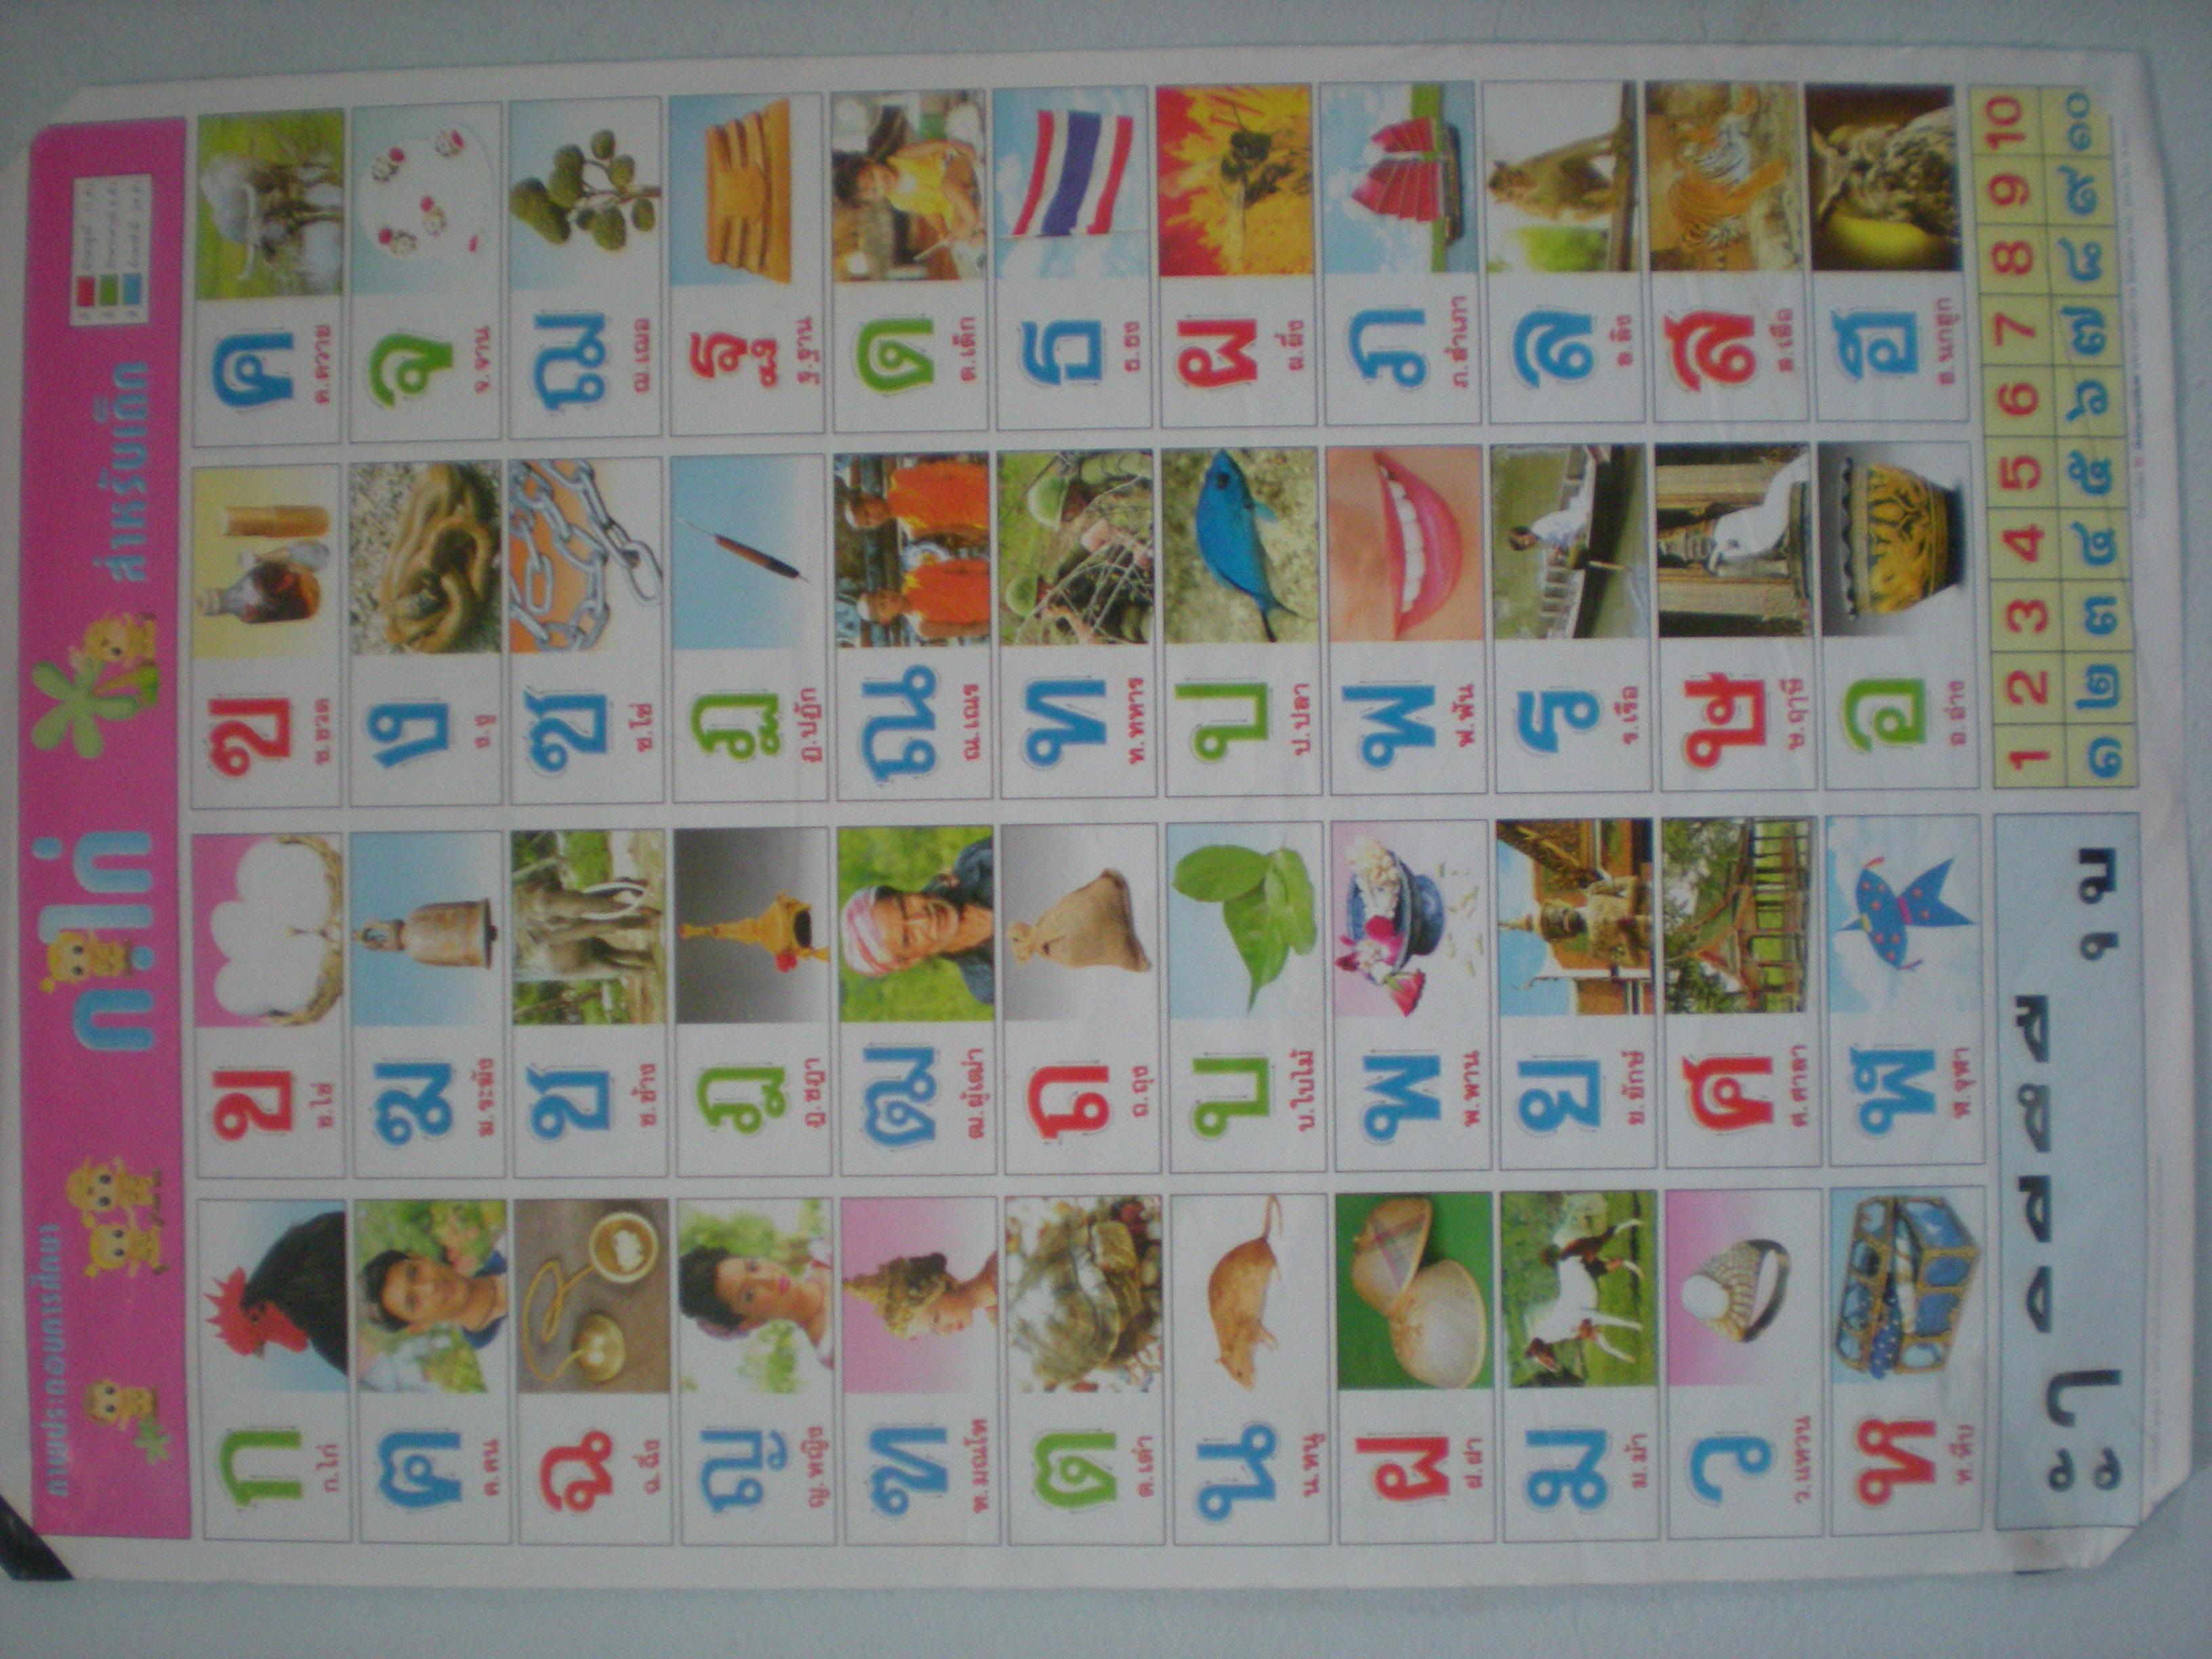 The 44 Letter Thai Alphabet